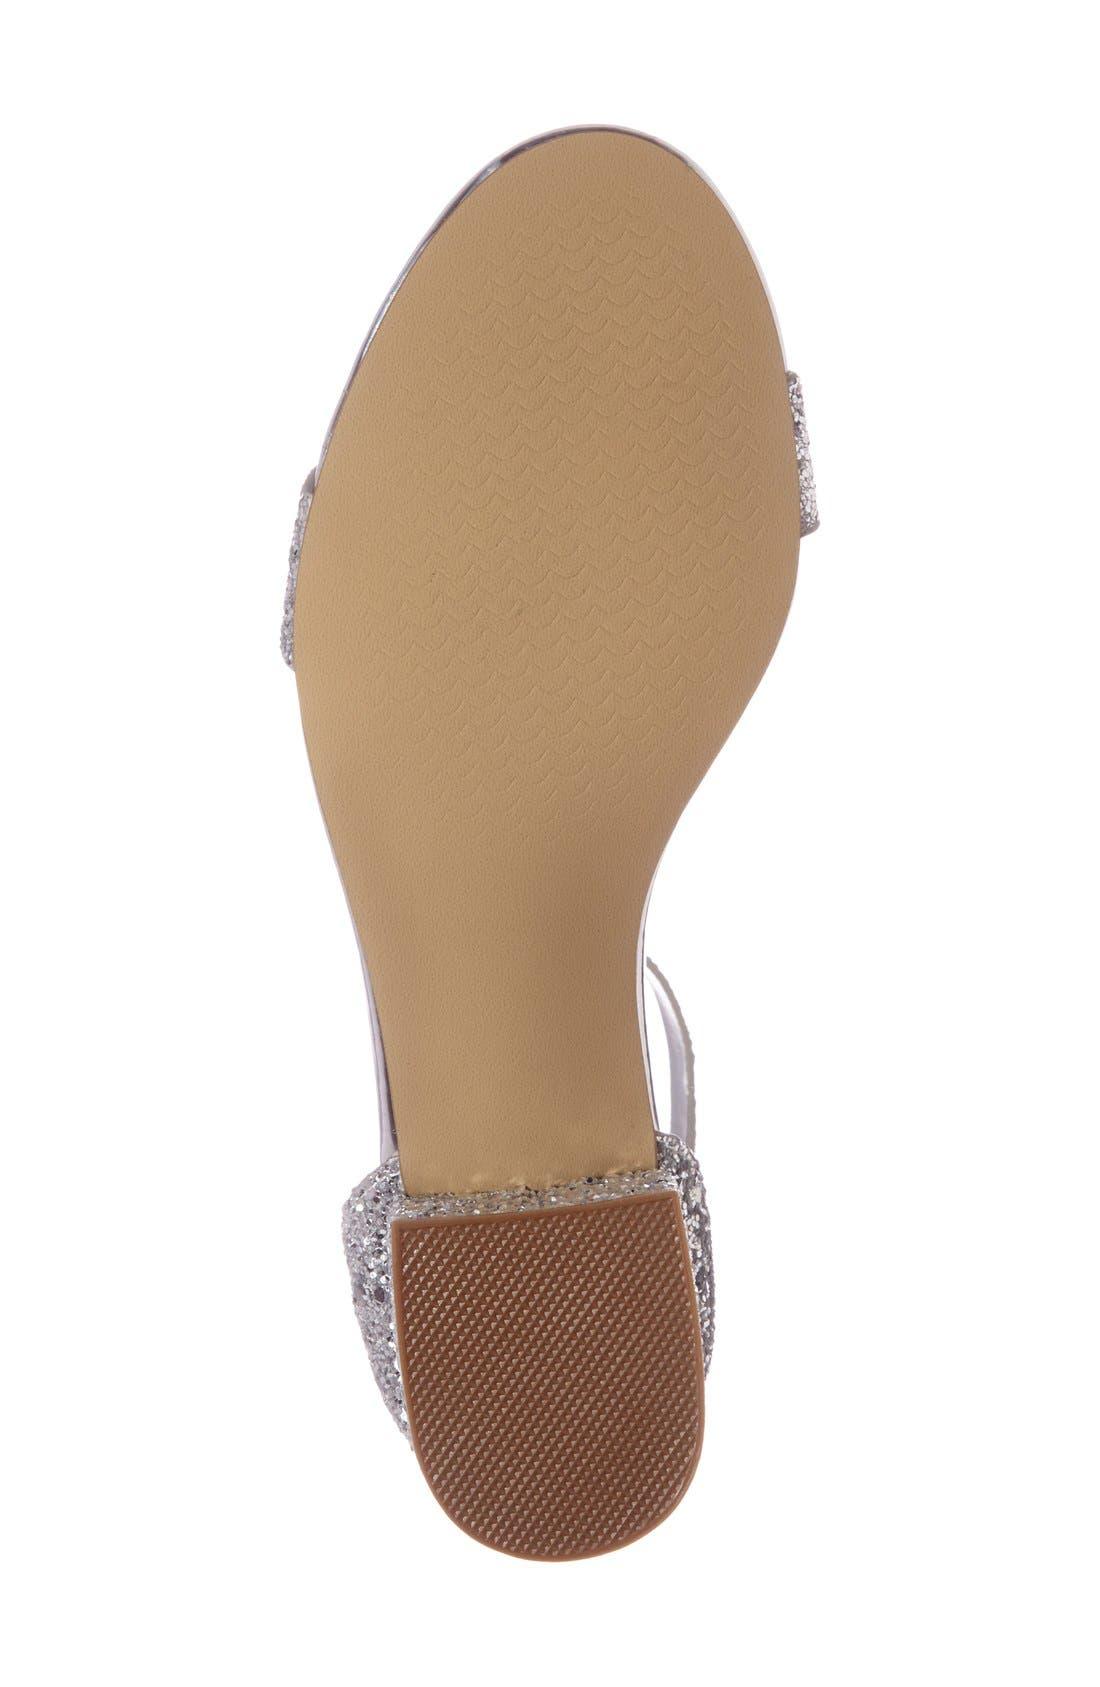 Irenee Ankle Strap Sandal,                             Alternate thumbnail 177, color,